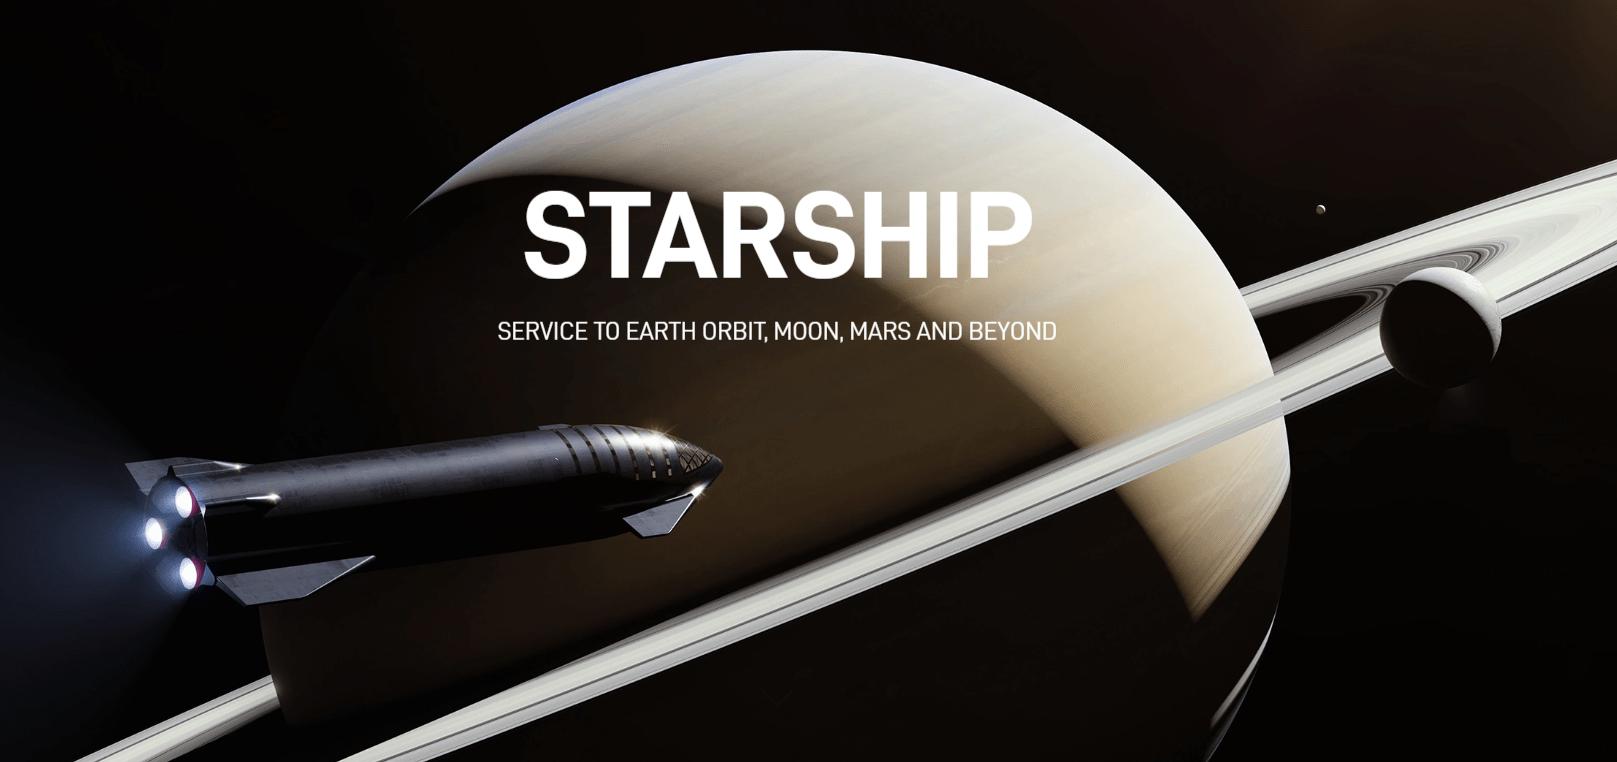 SpaceX Luncurkan Roket Starship Ke Mars Tahun 2024 Image